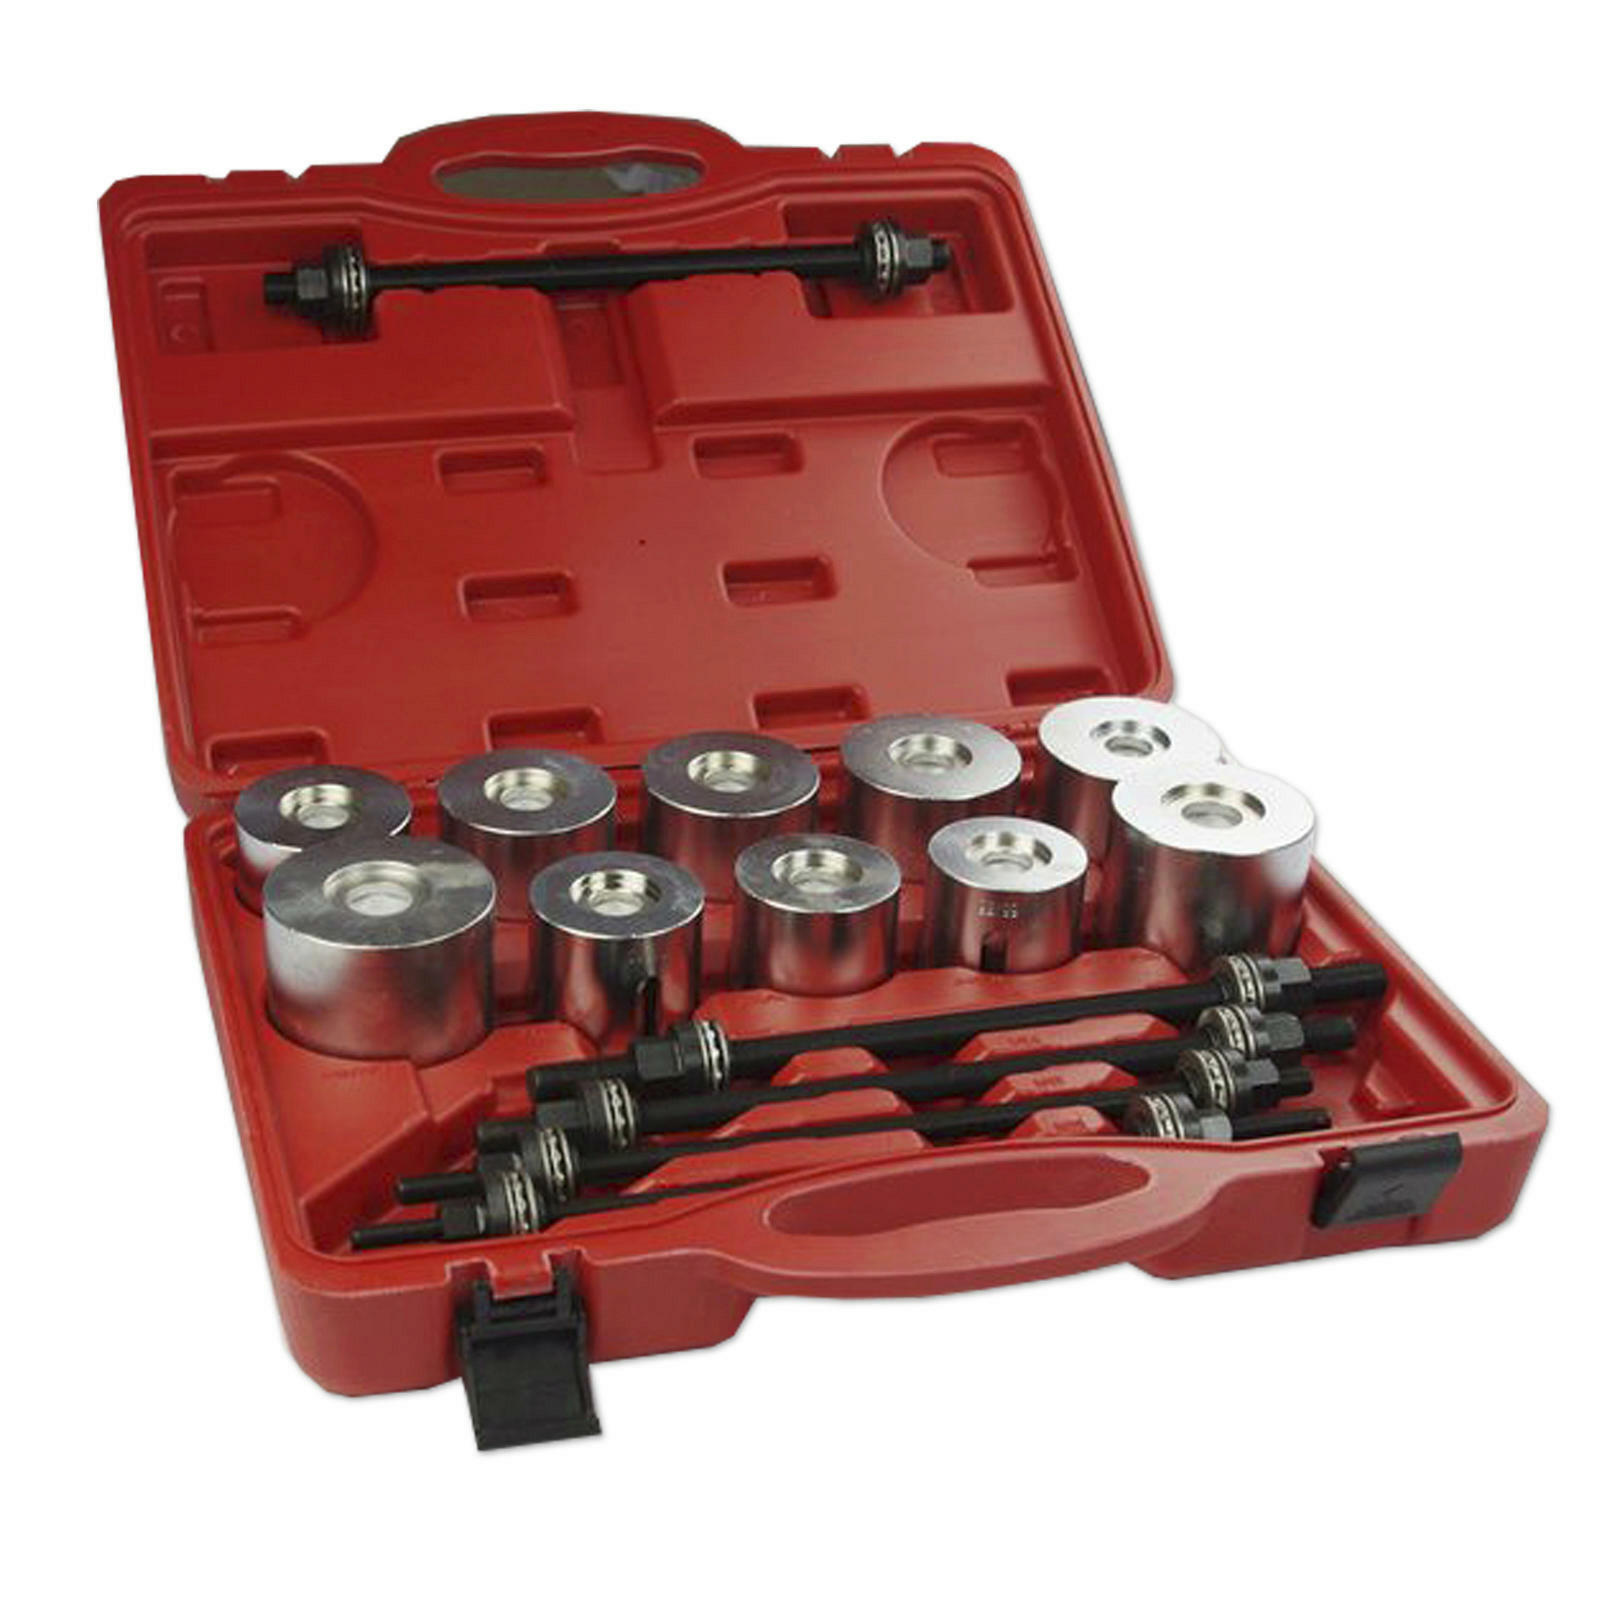 GMS Radlager Werkzeug